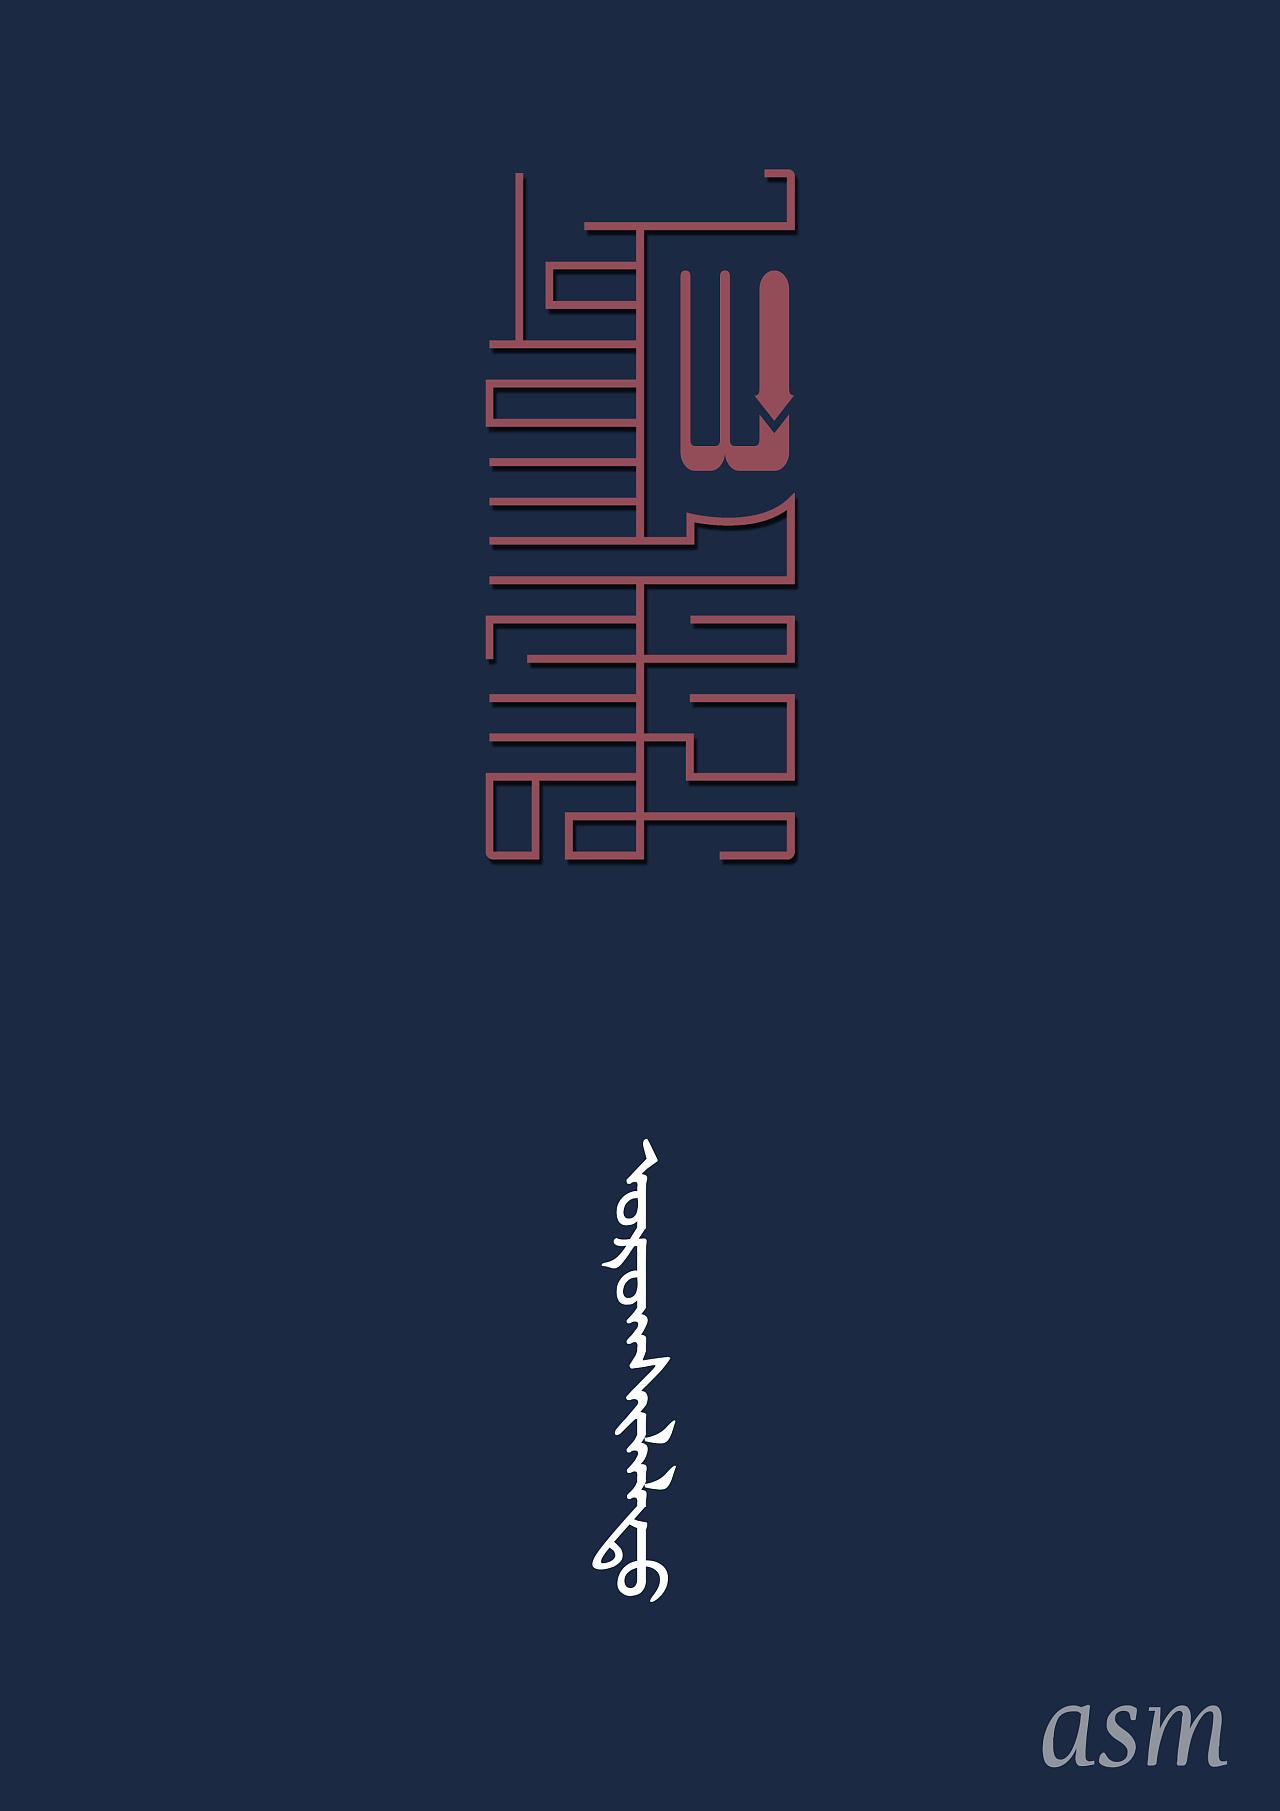 蒙古艺术文字 -阿斯玛设计 第6张